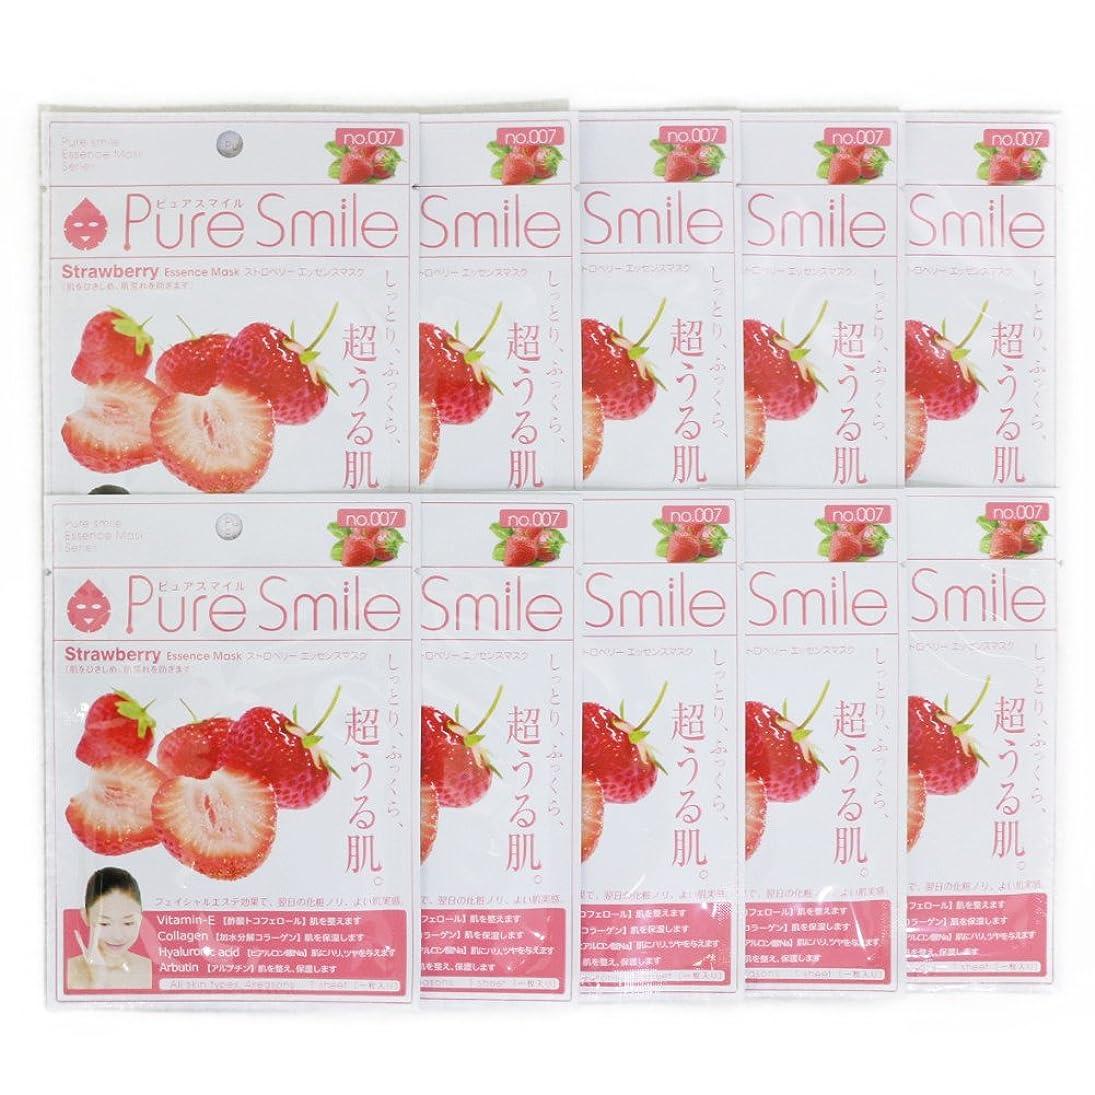 テクスチャー本物のにおいPure Smile ピュアスマイル エッセンスマスク ストロベリー 10枚セット